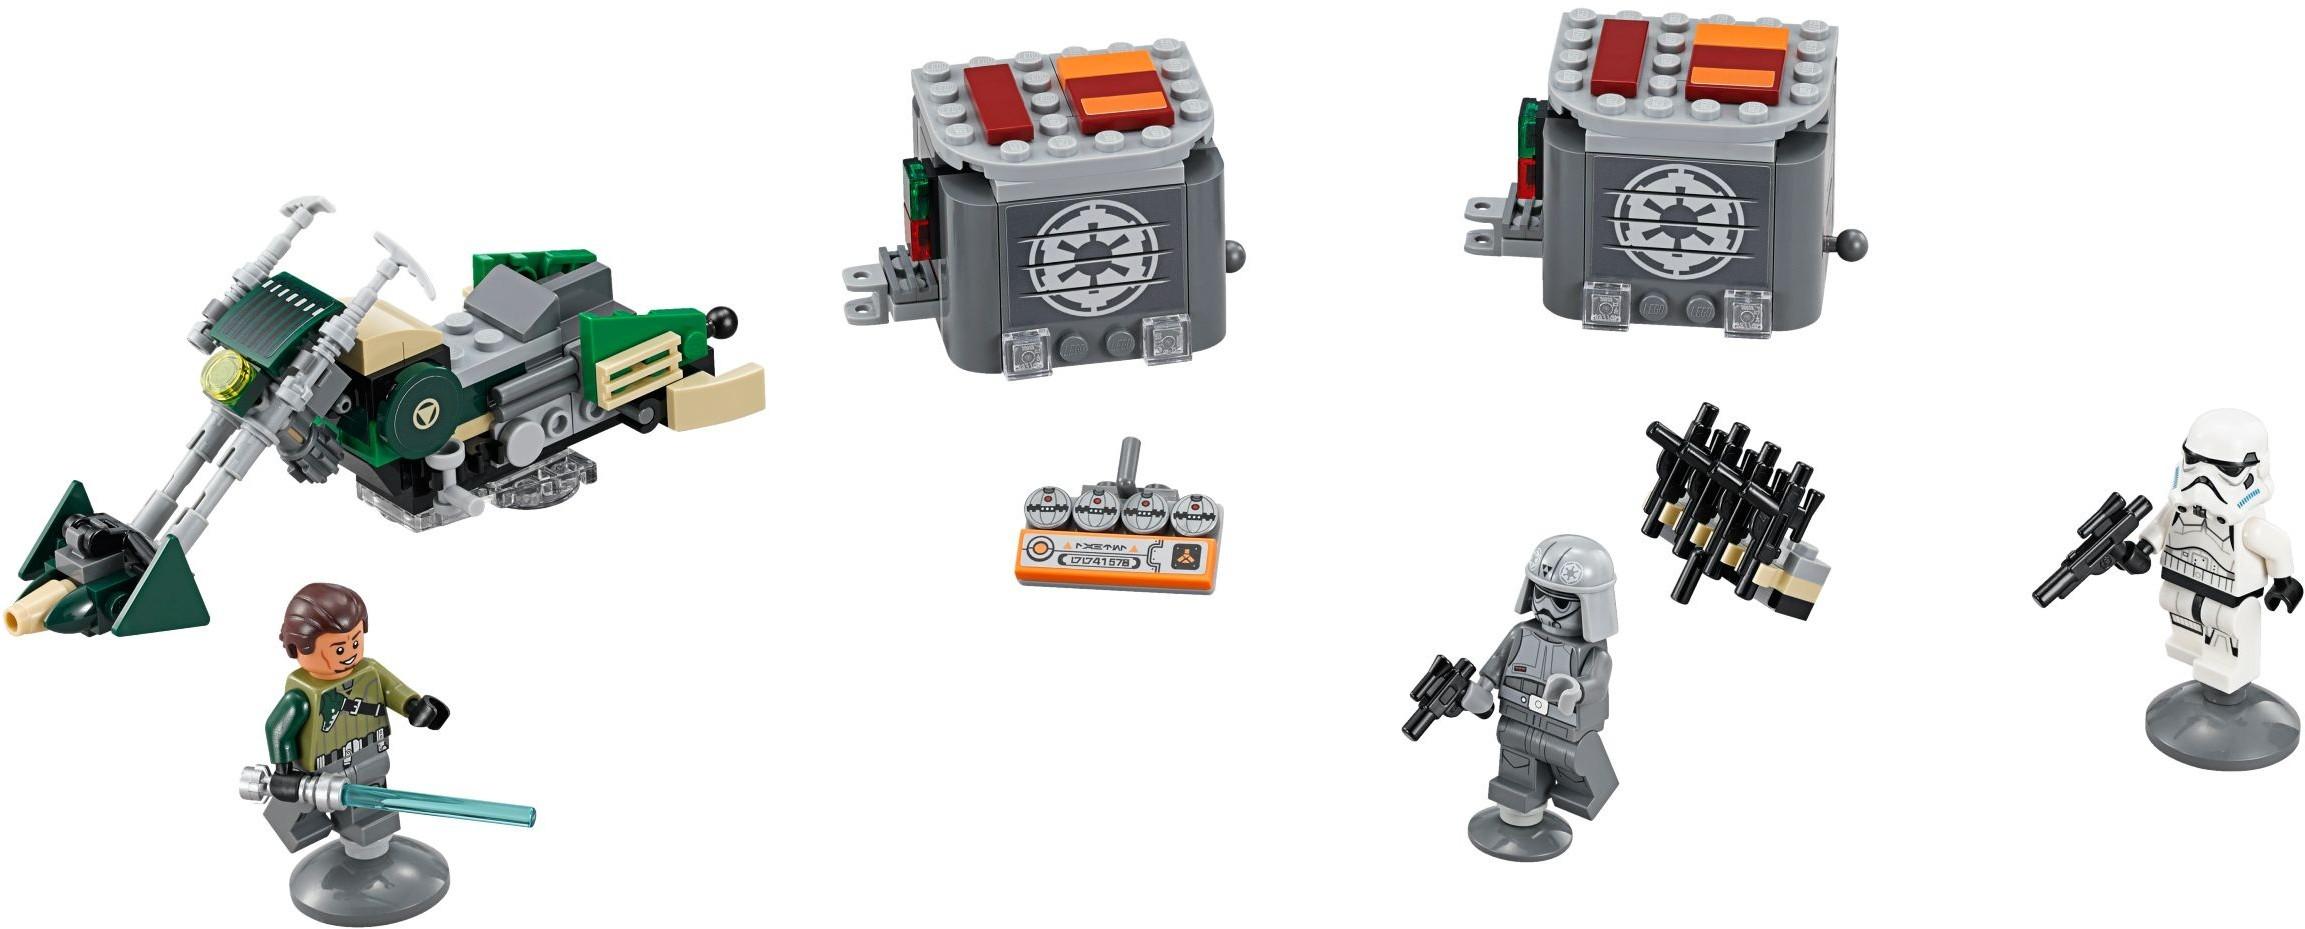 What S Missing Star Wars Rebels Brickset Lego Set